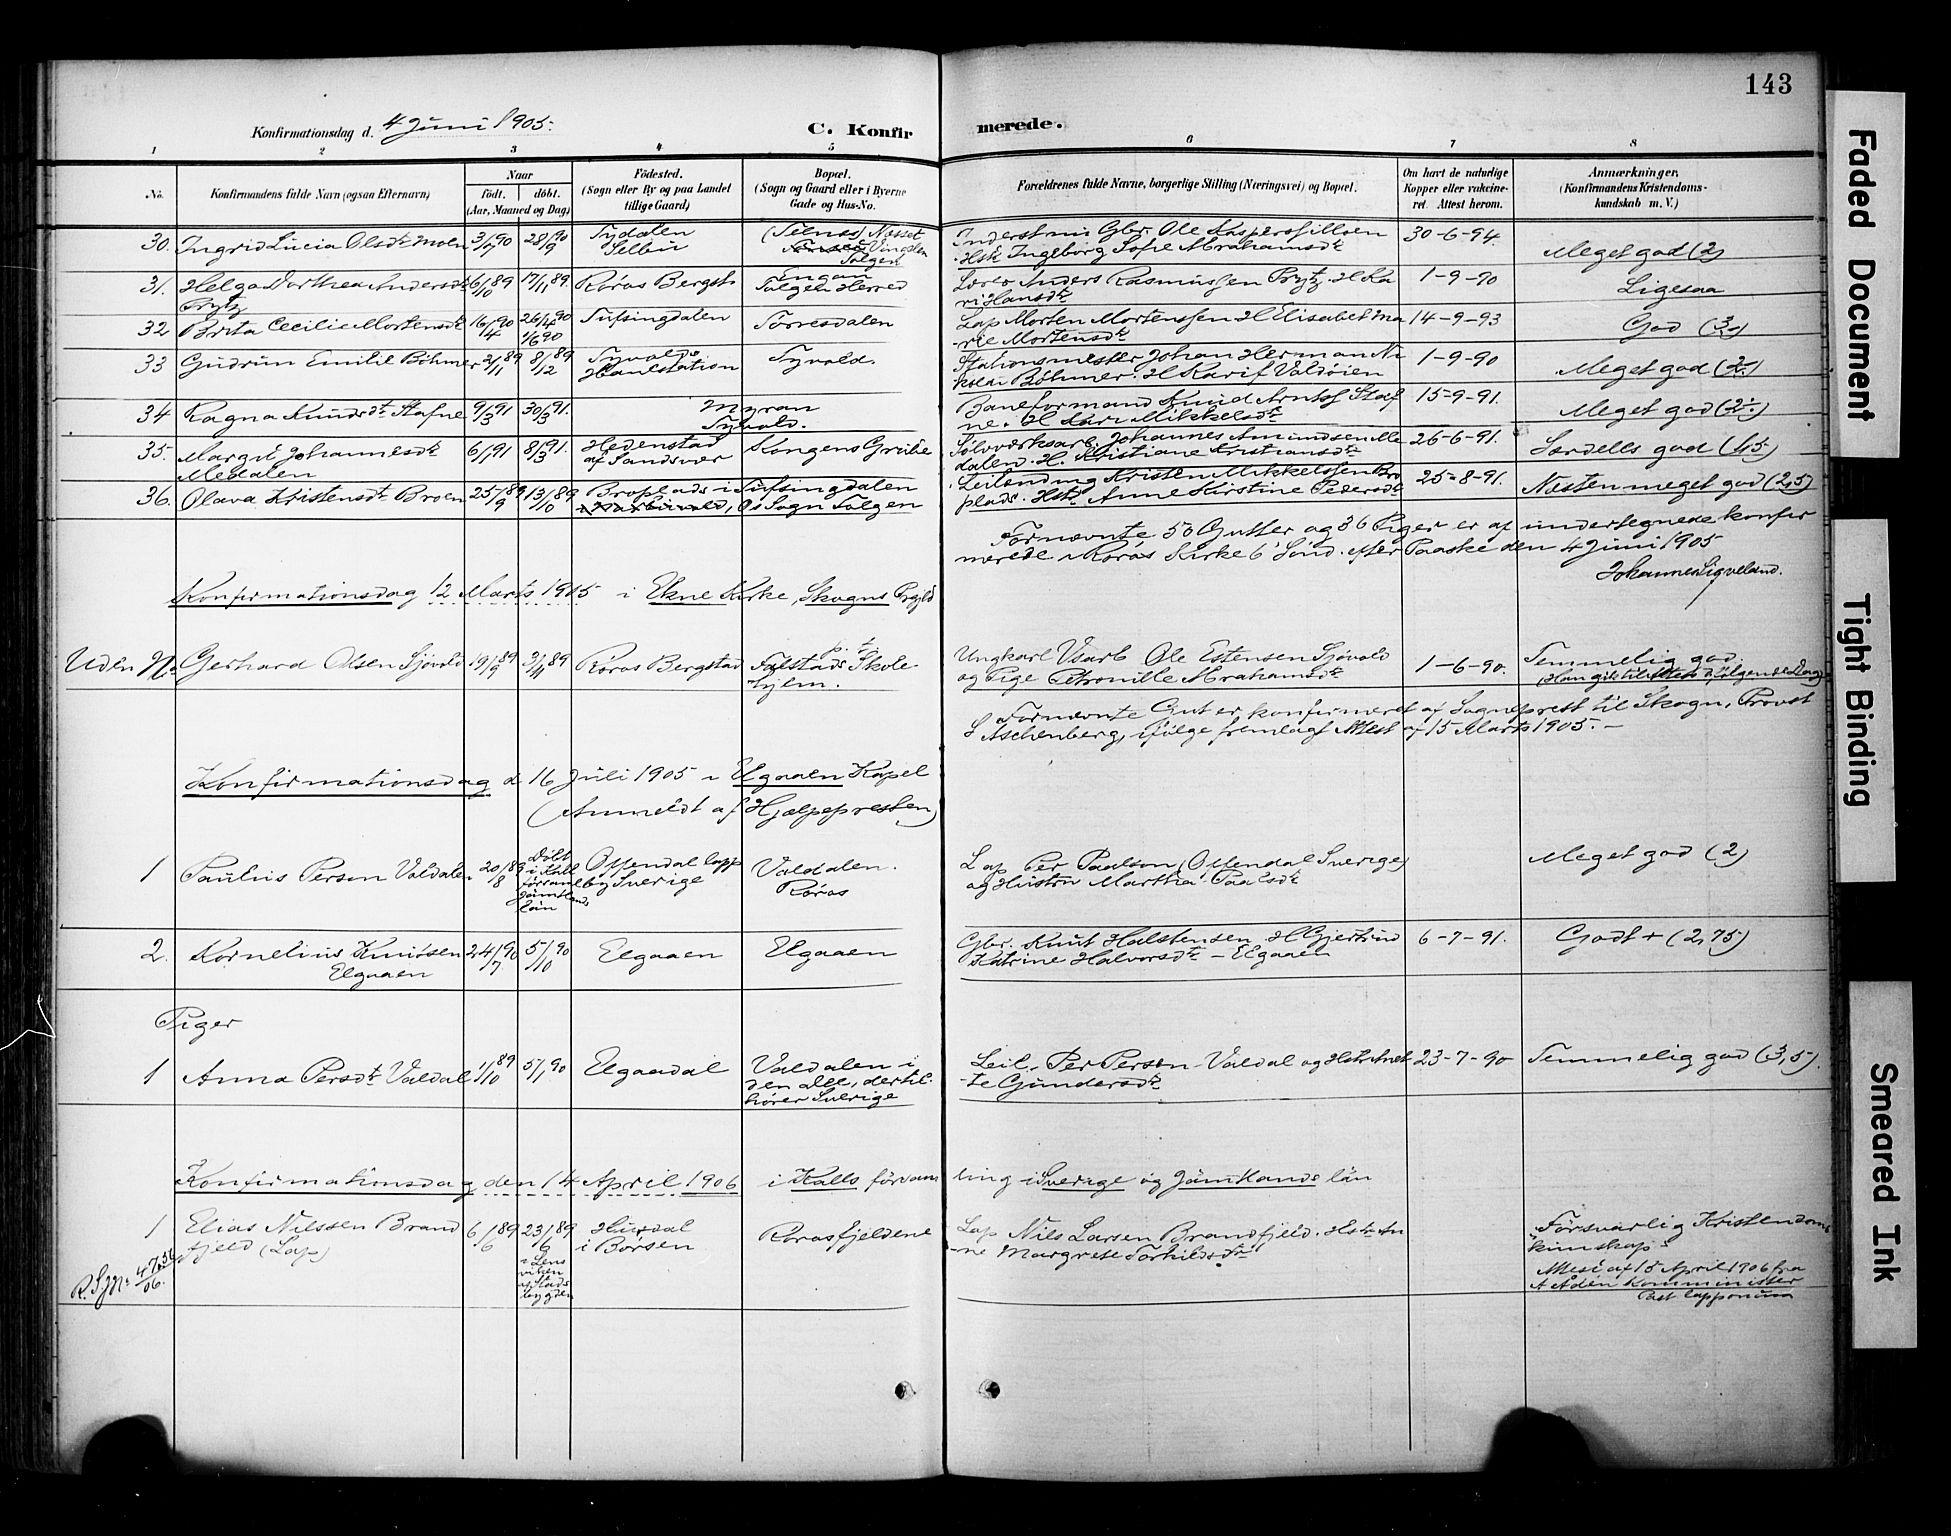 SAT, Ministerialprotokoller, klokkerbøker og fødselsregistre - Sør-Trøndelag, 681/L0936: Ministerialbok nr. 681A14, 1899-1908, s. 143